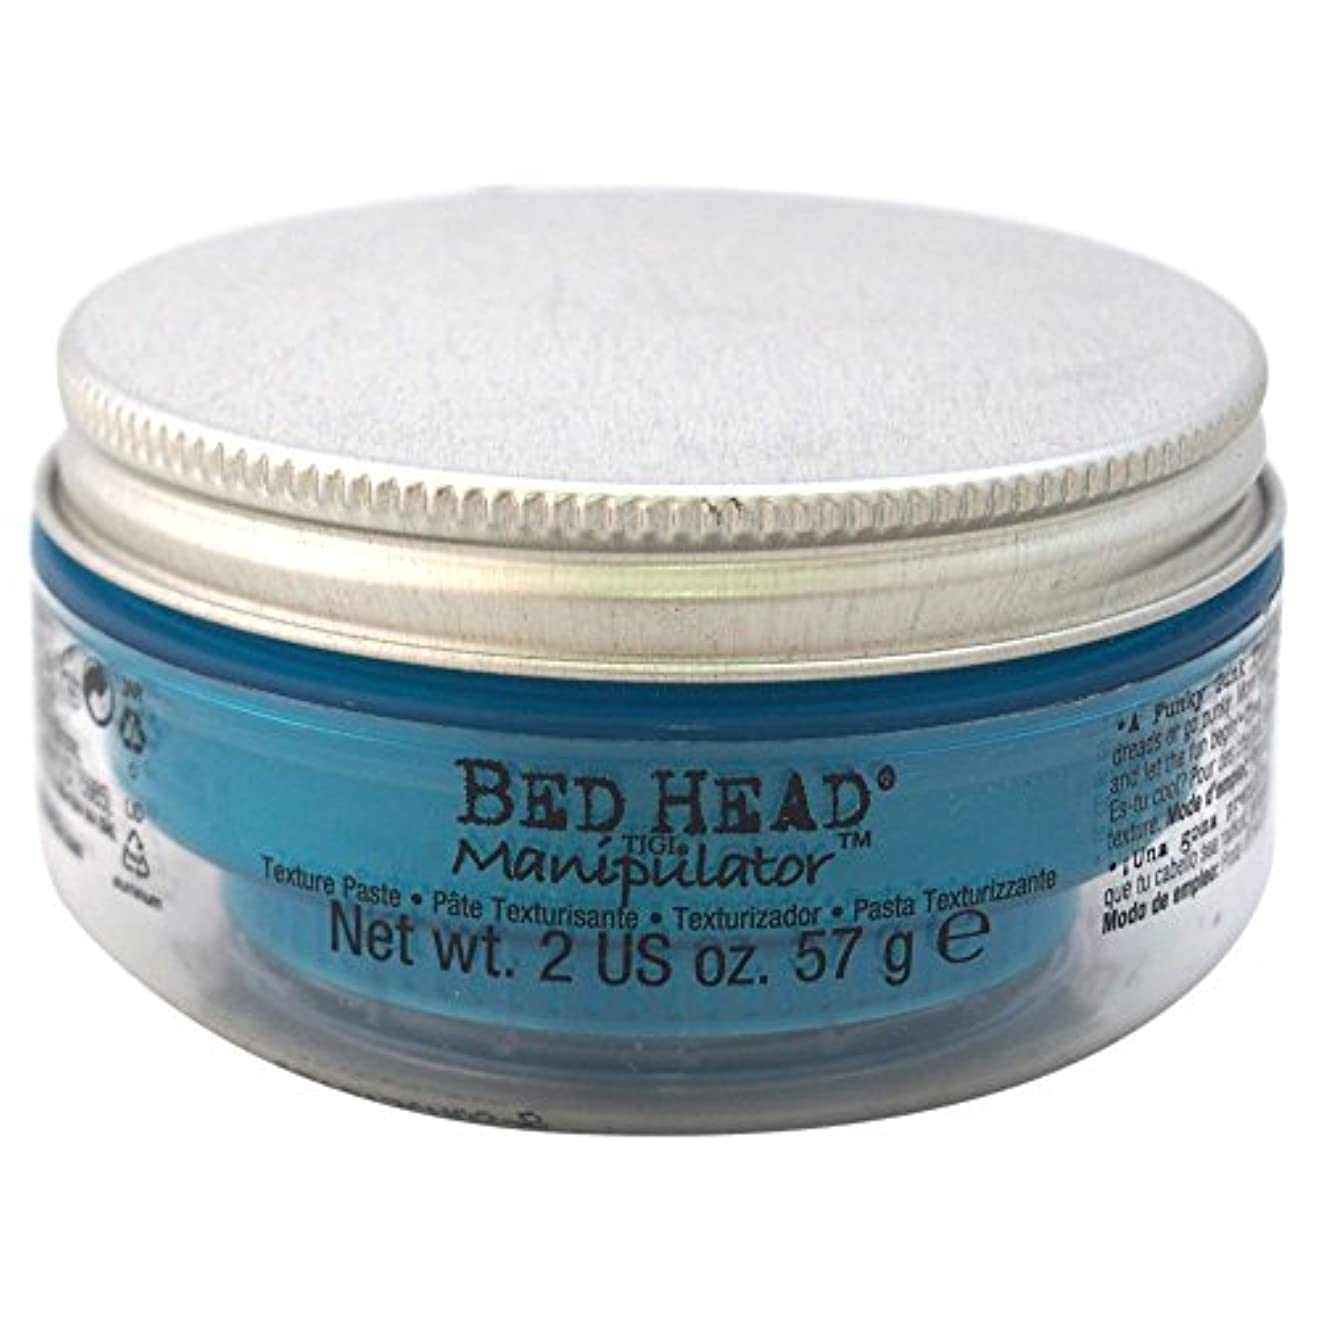 ソーセージ無砂ティジー ベッドヘッドマニピュレーター テキシチヤ ペースト Tigi Bed Head Manipulator Texture Paste 57 ml [並行輸入品]